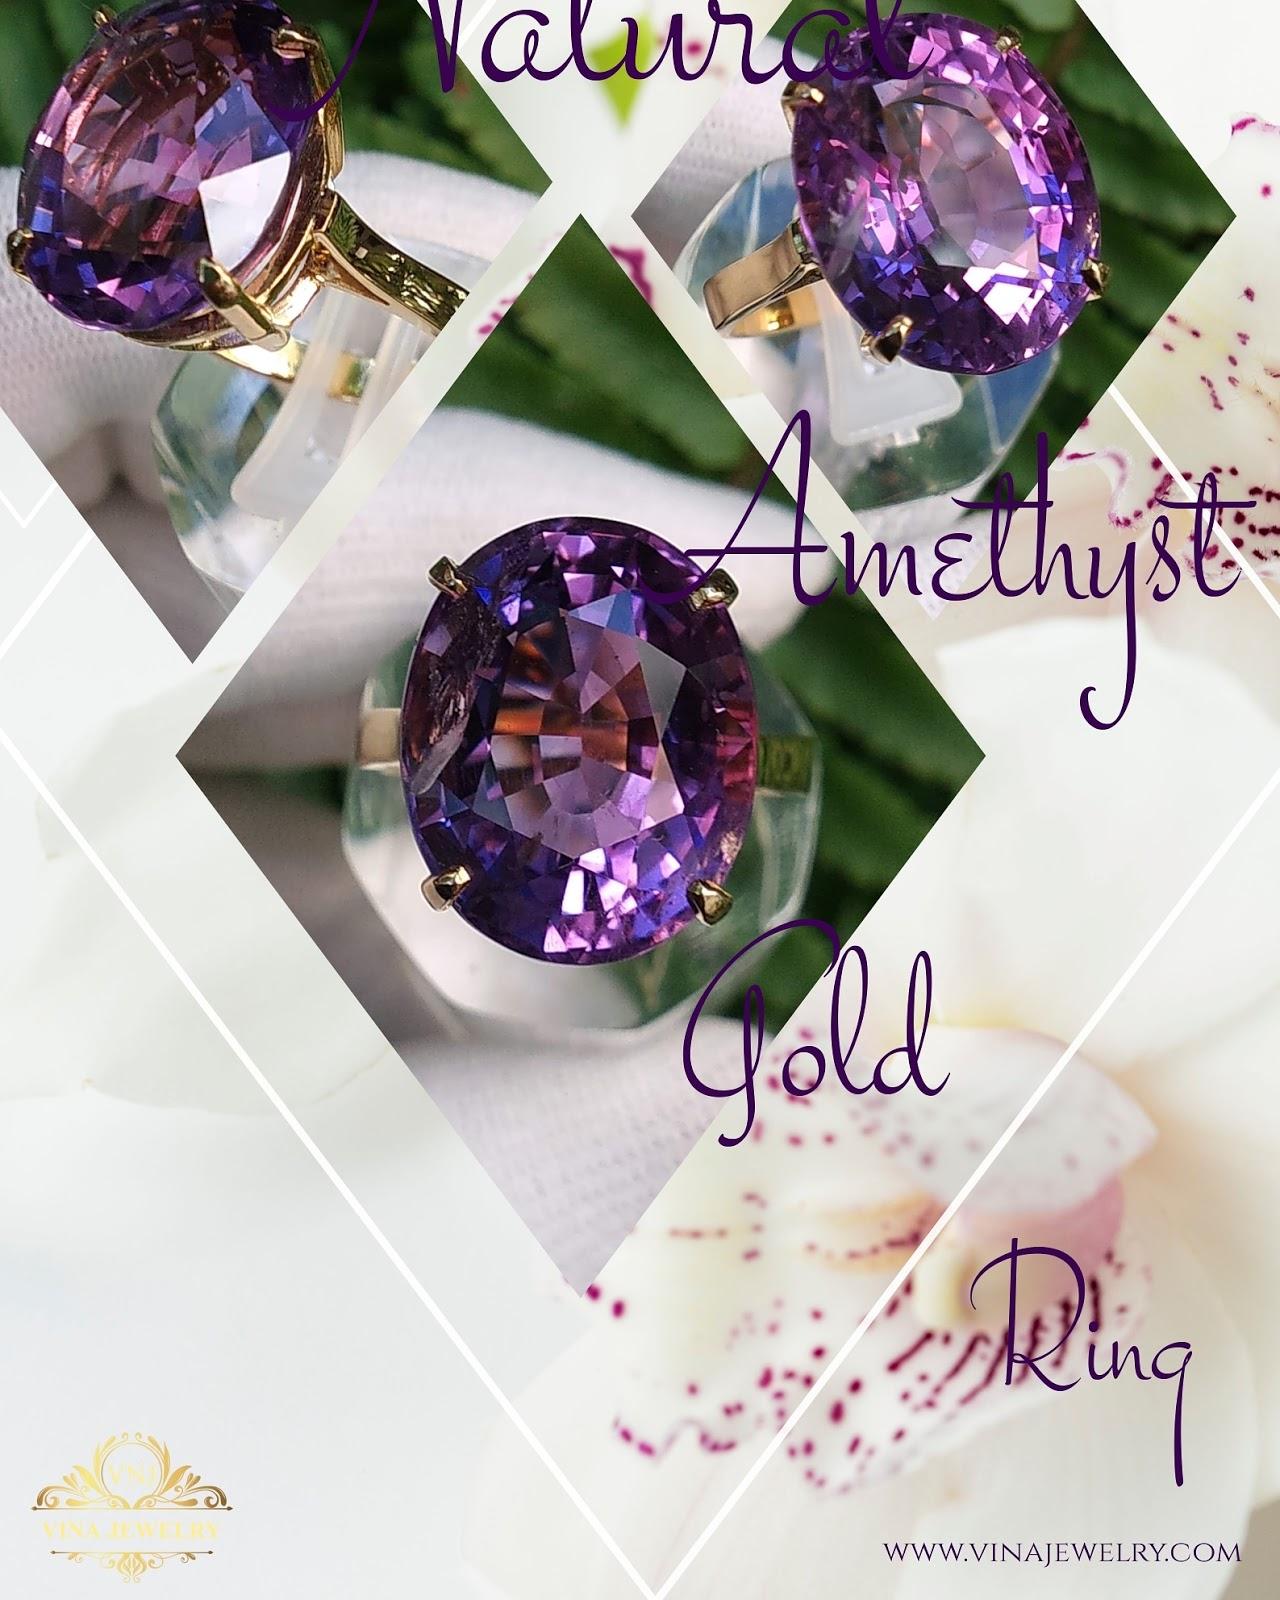 Nhẫn đá quý Natural Amethyst, Thạch Anh tím thiên nhiên vàng 18k